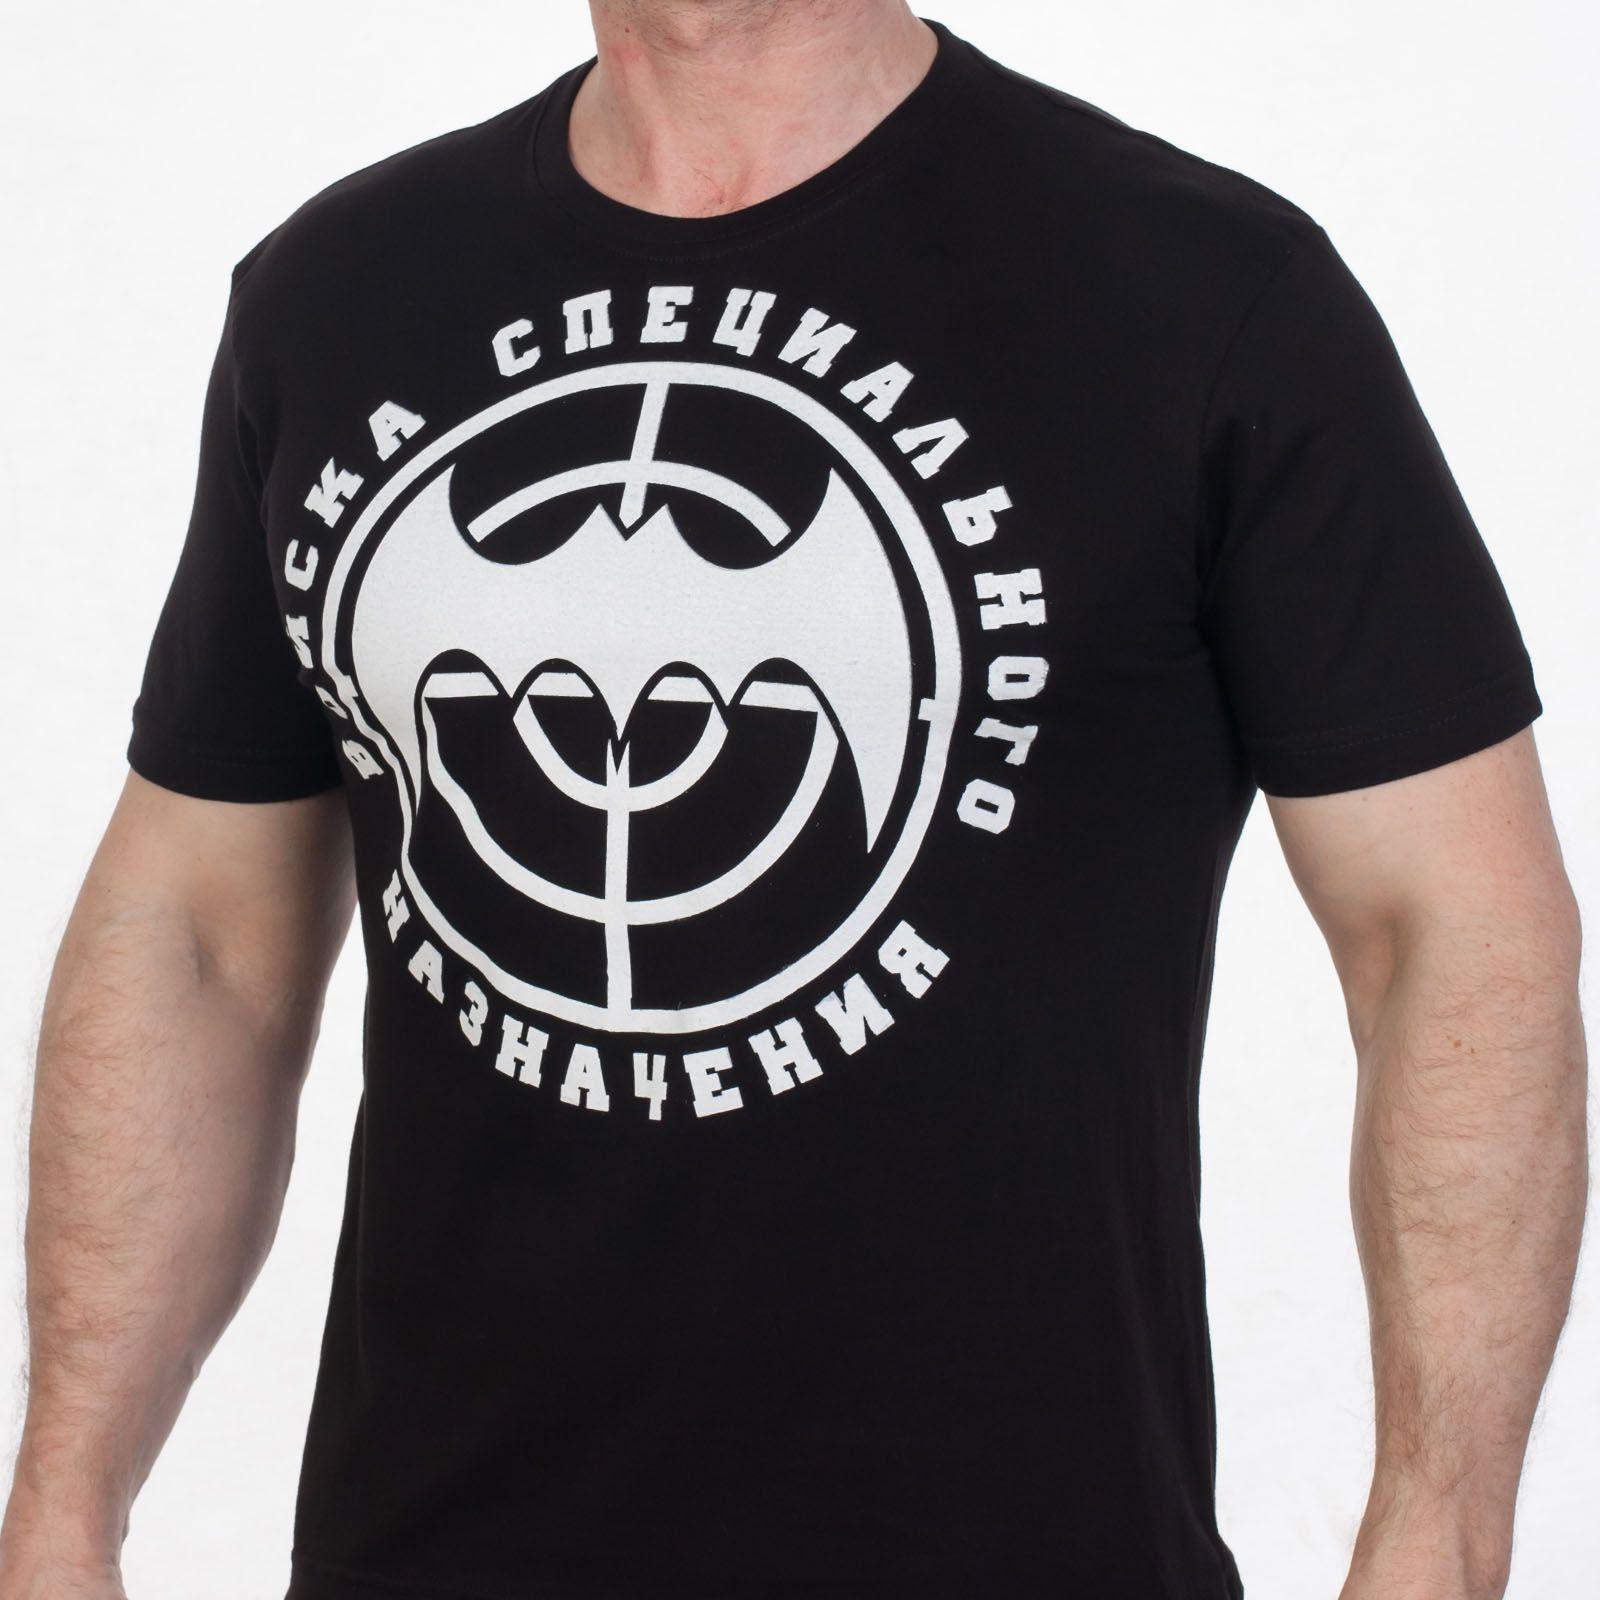 t-shirt Poutine président russe T-shirts Vêtements streetwear militaire putin russie chemises drôle t